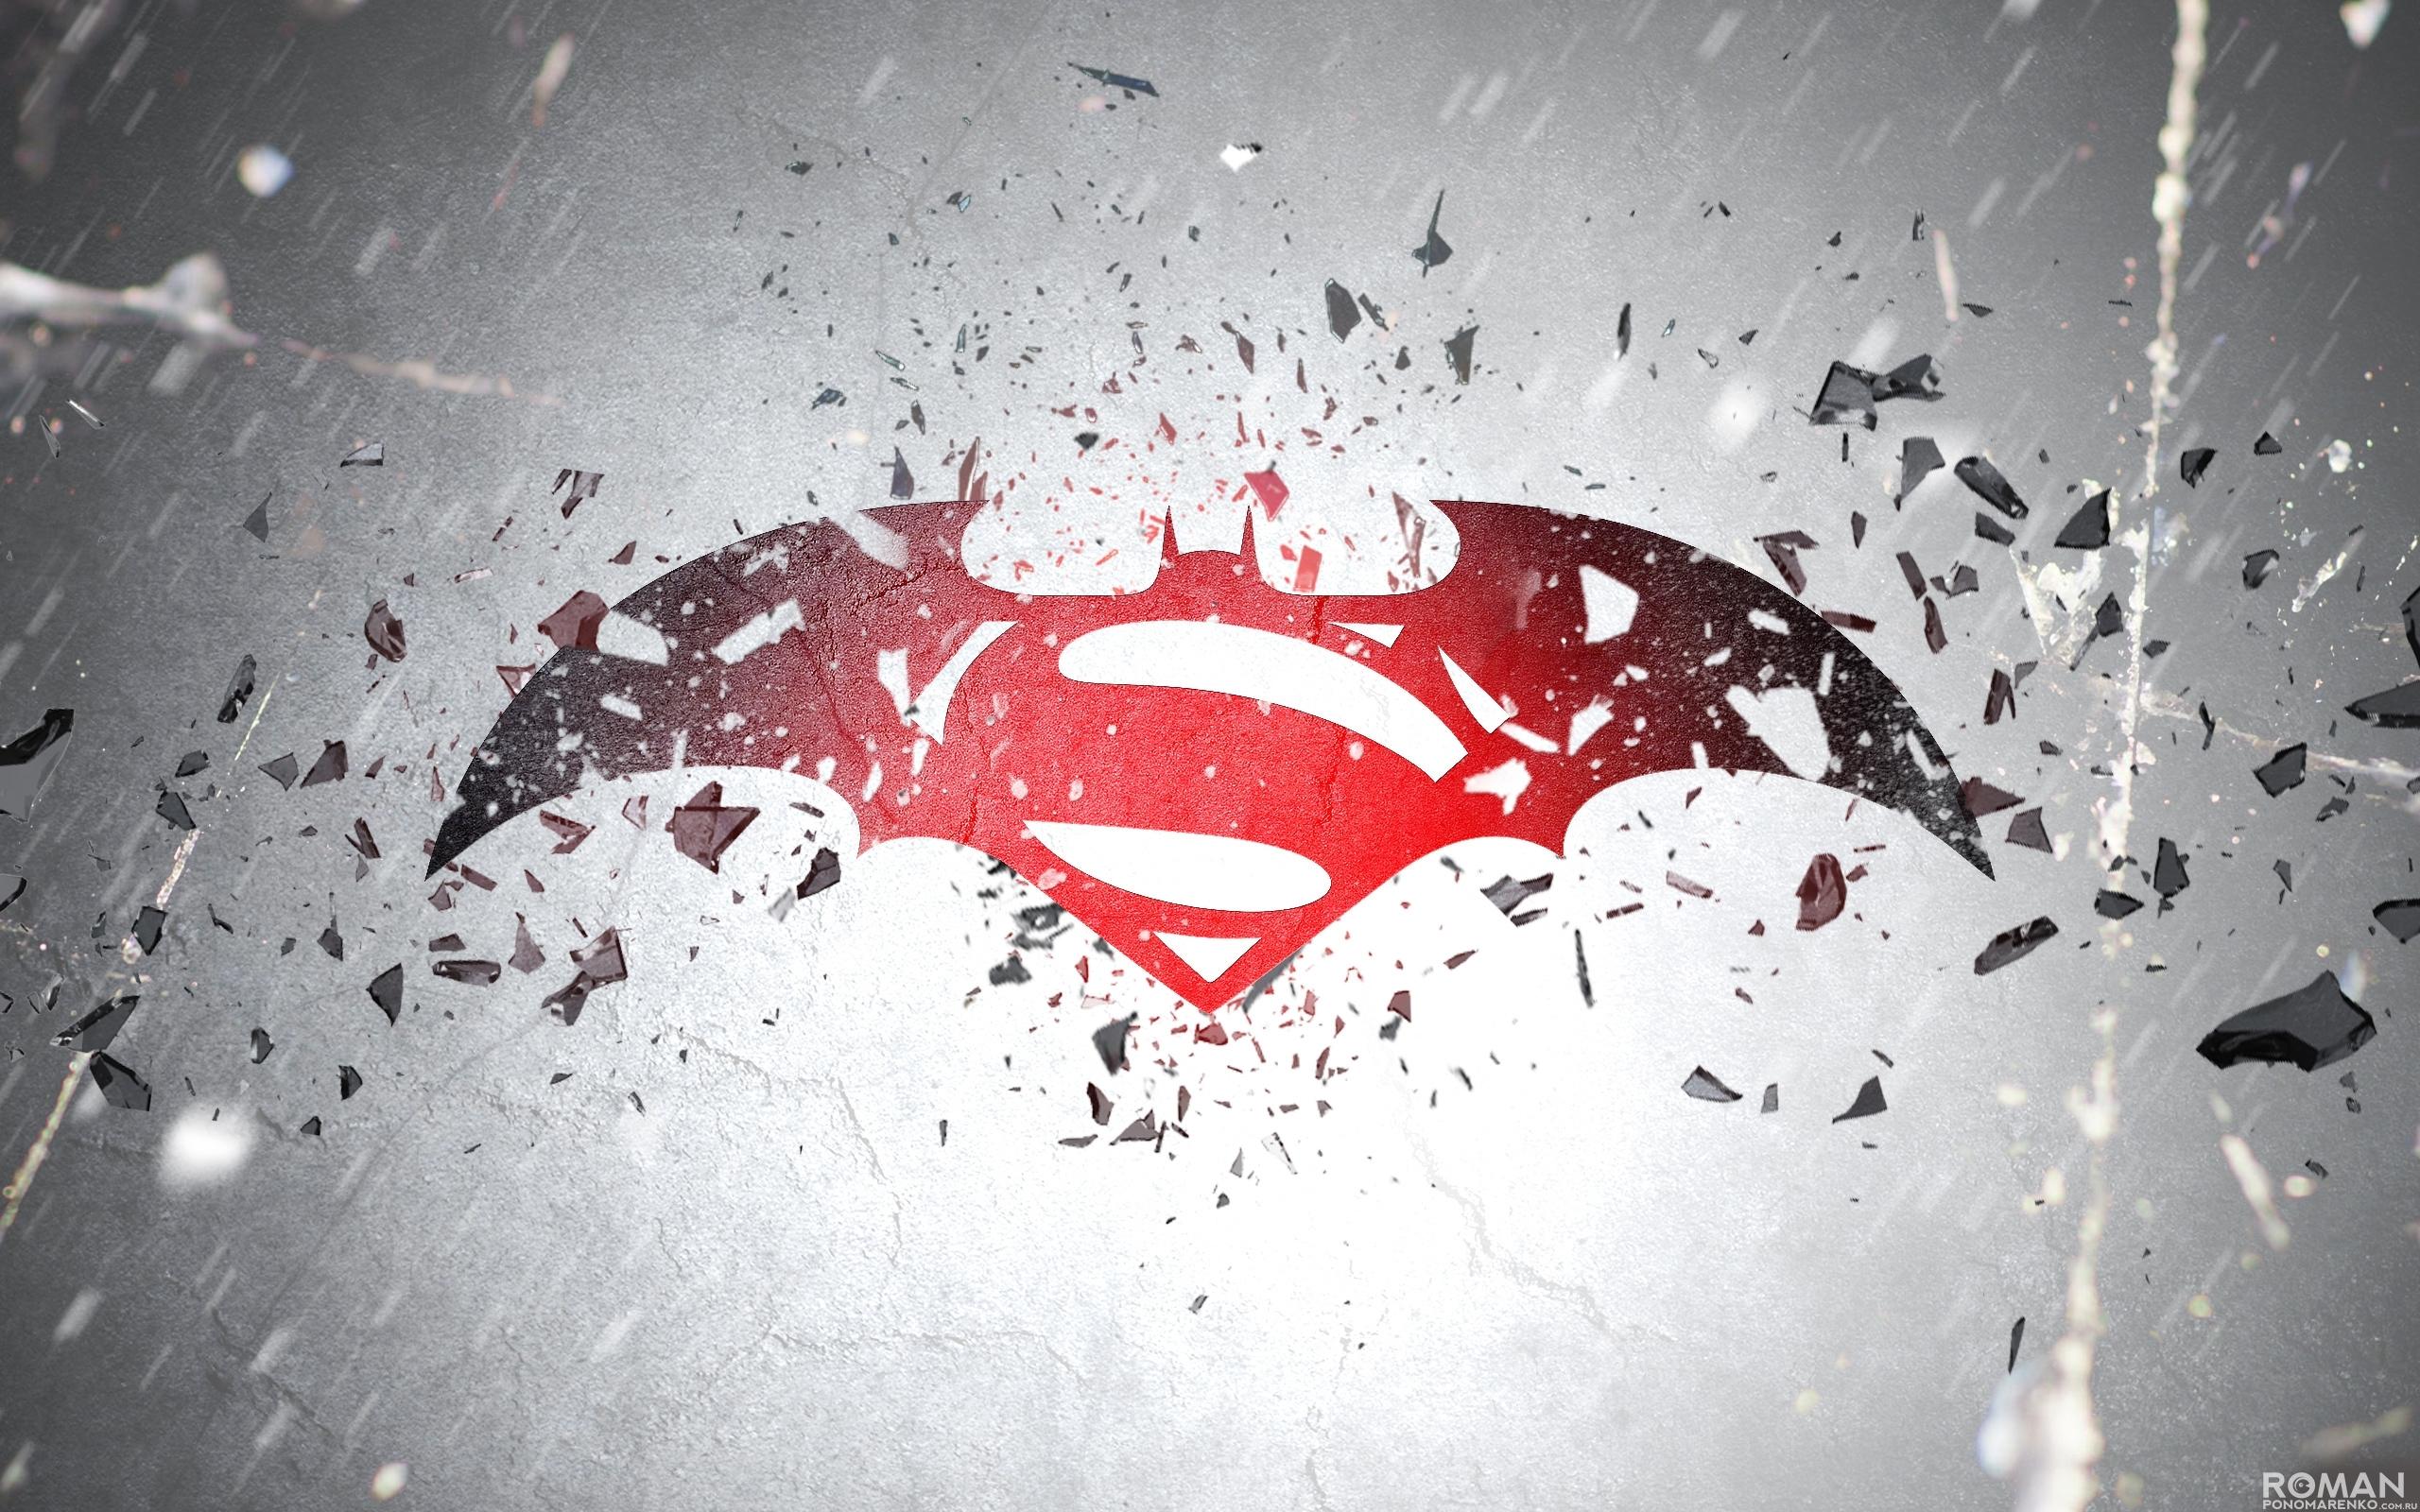 batman v superman wallpapers | wallpapers hd